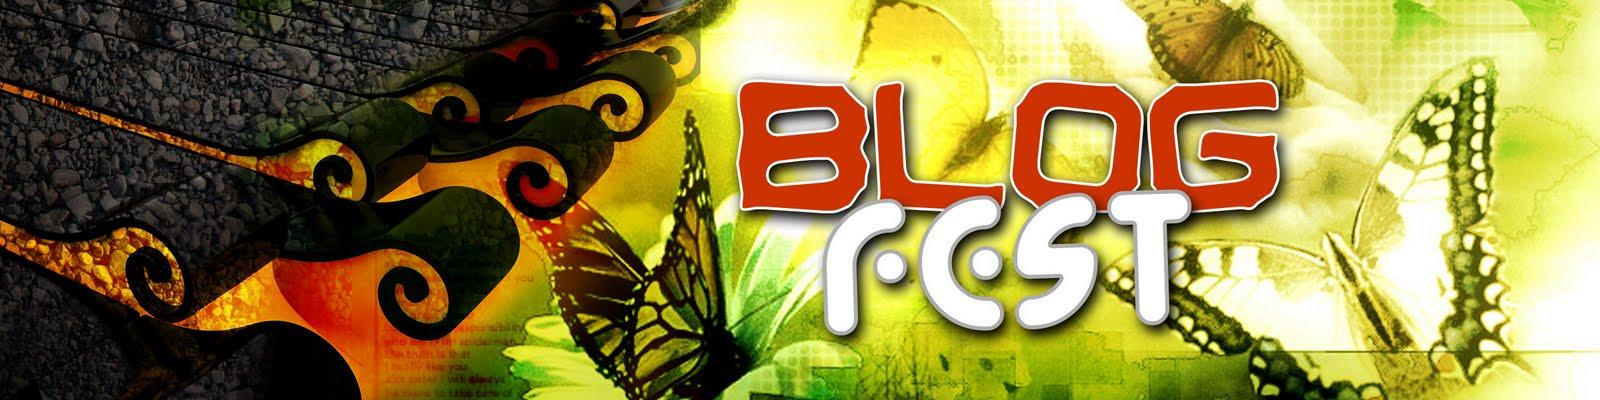 Blog Fest